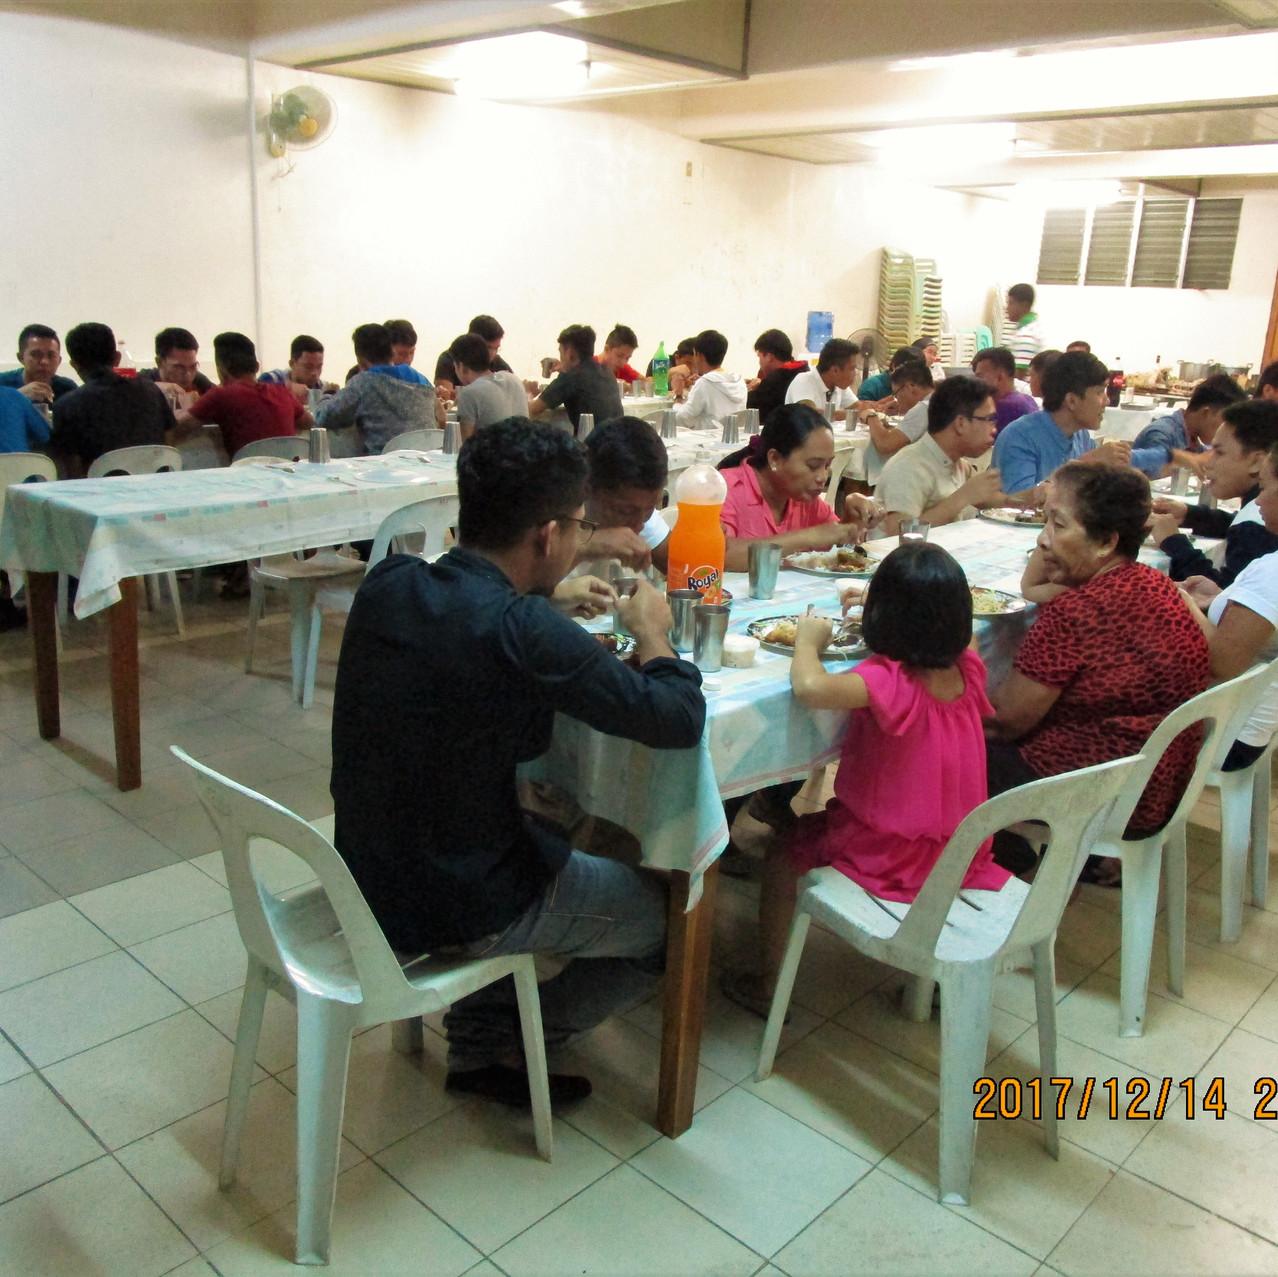 2017-12-14 - Calbayog - Christmas Party  (1)